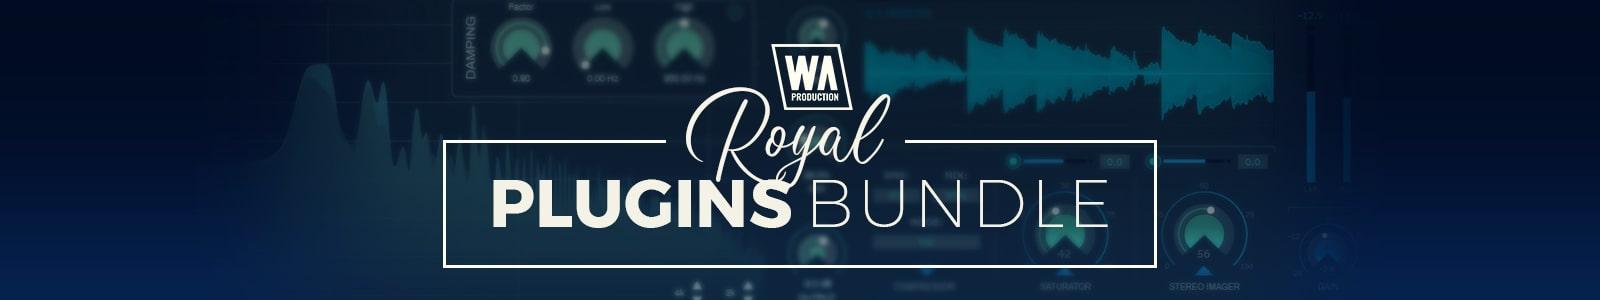 royal plugins bundle